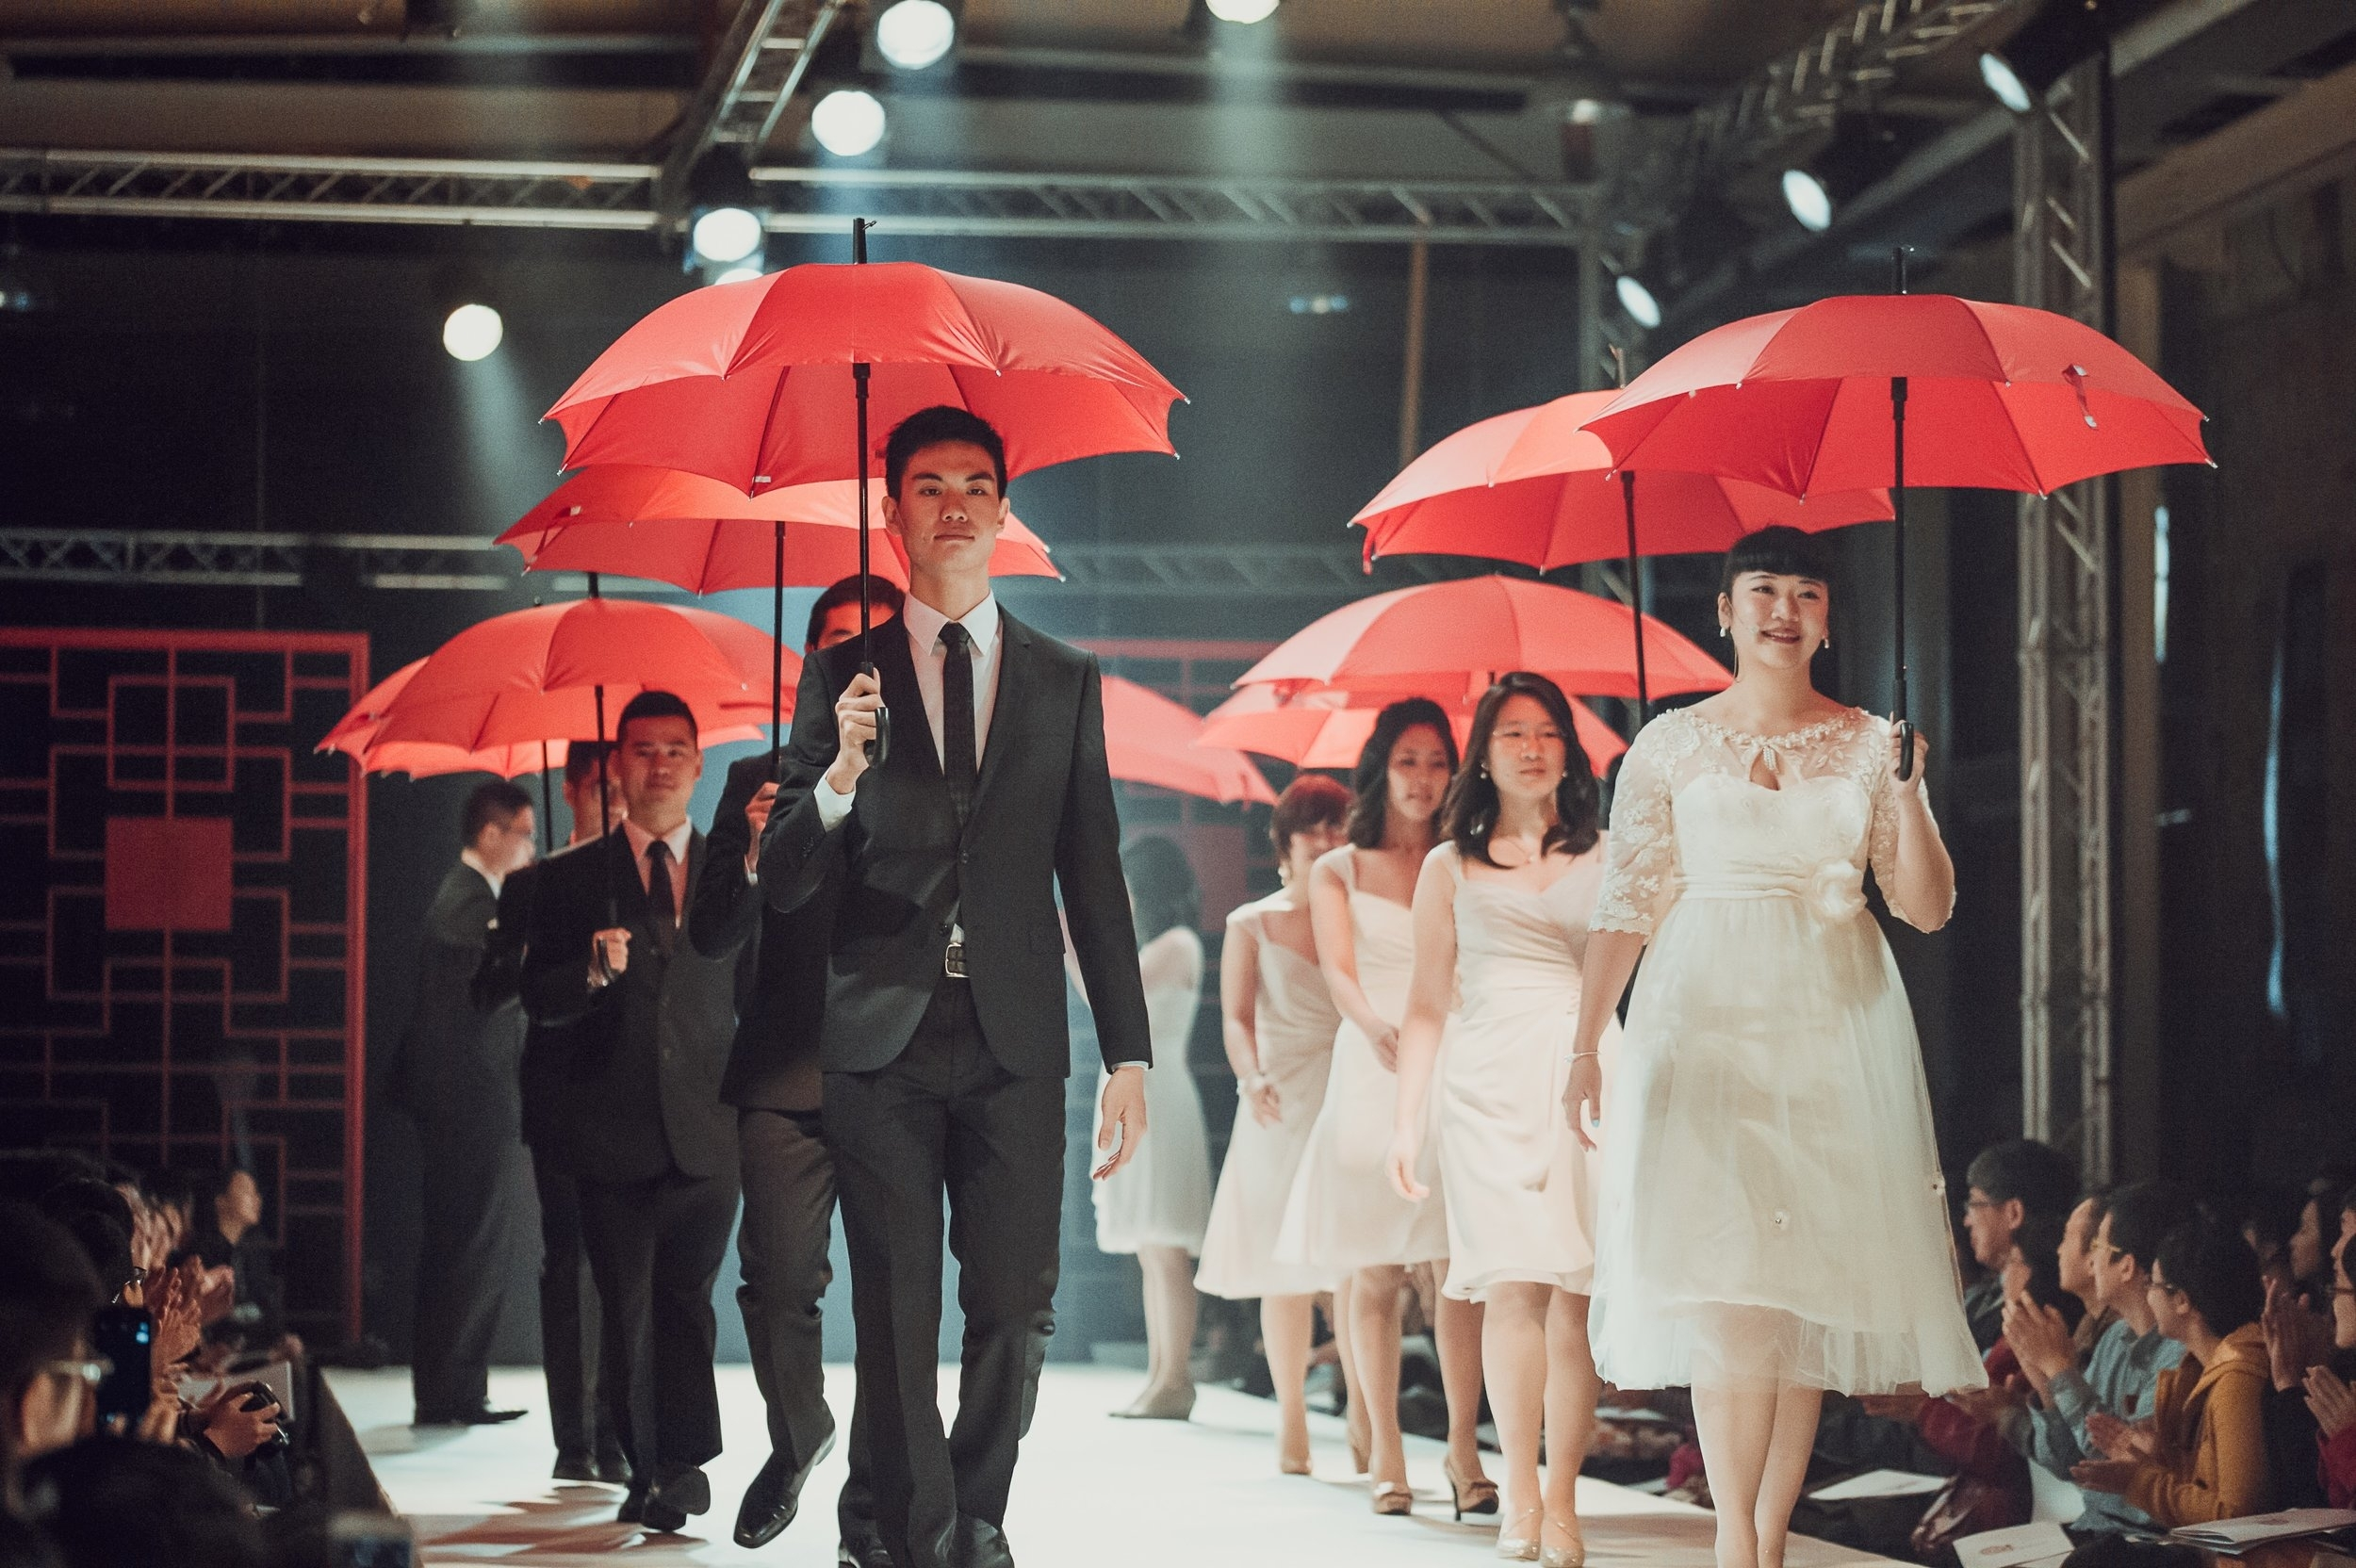 囍 - 2016 Jan in Huashan 1914 Creative Park The merriment of marriage: wedding theatre